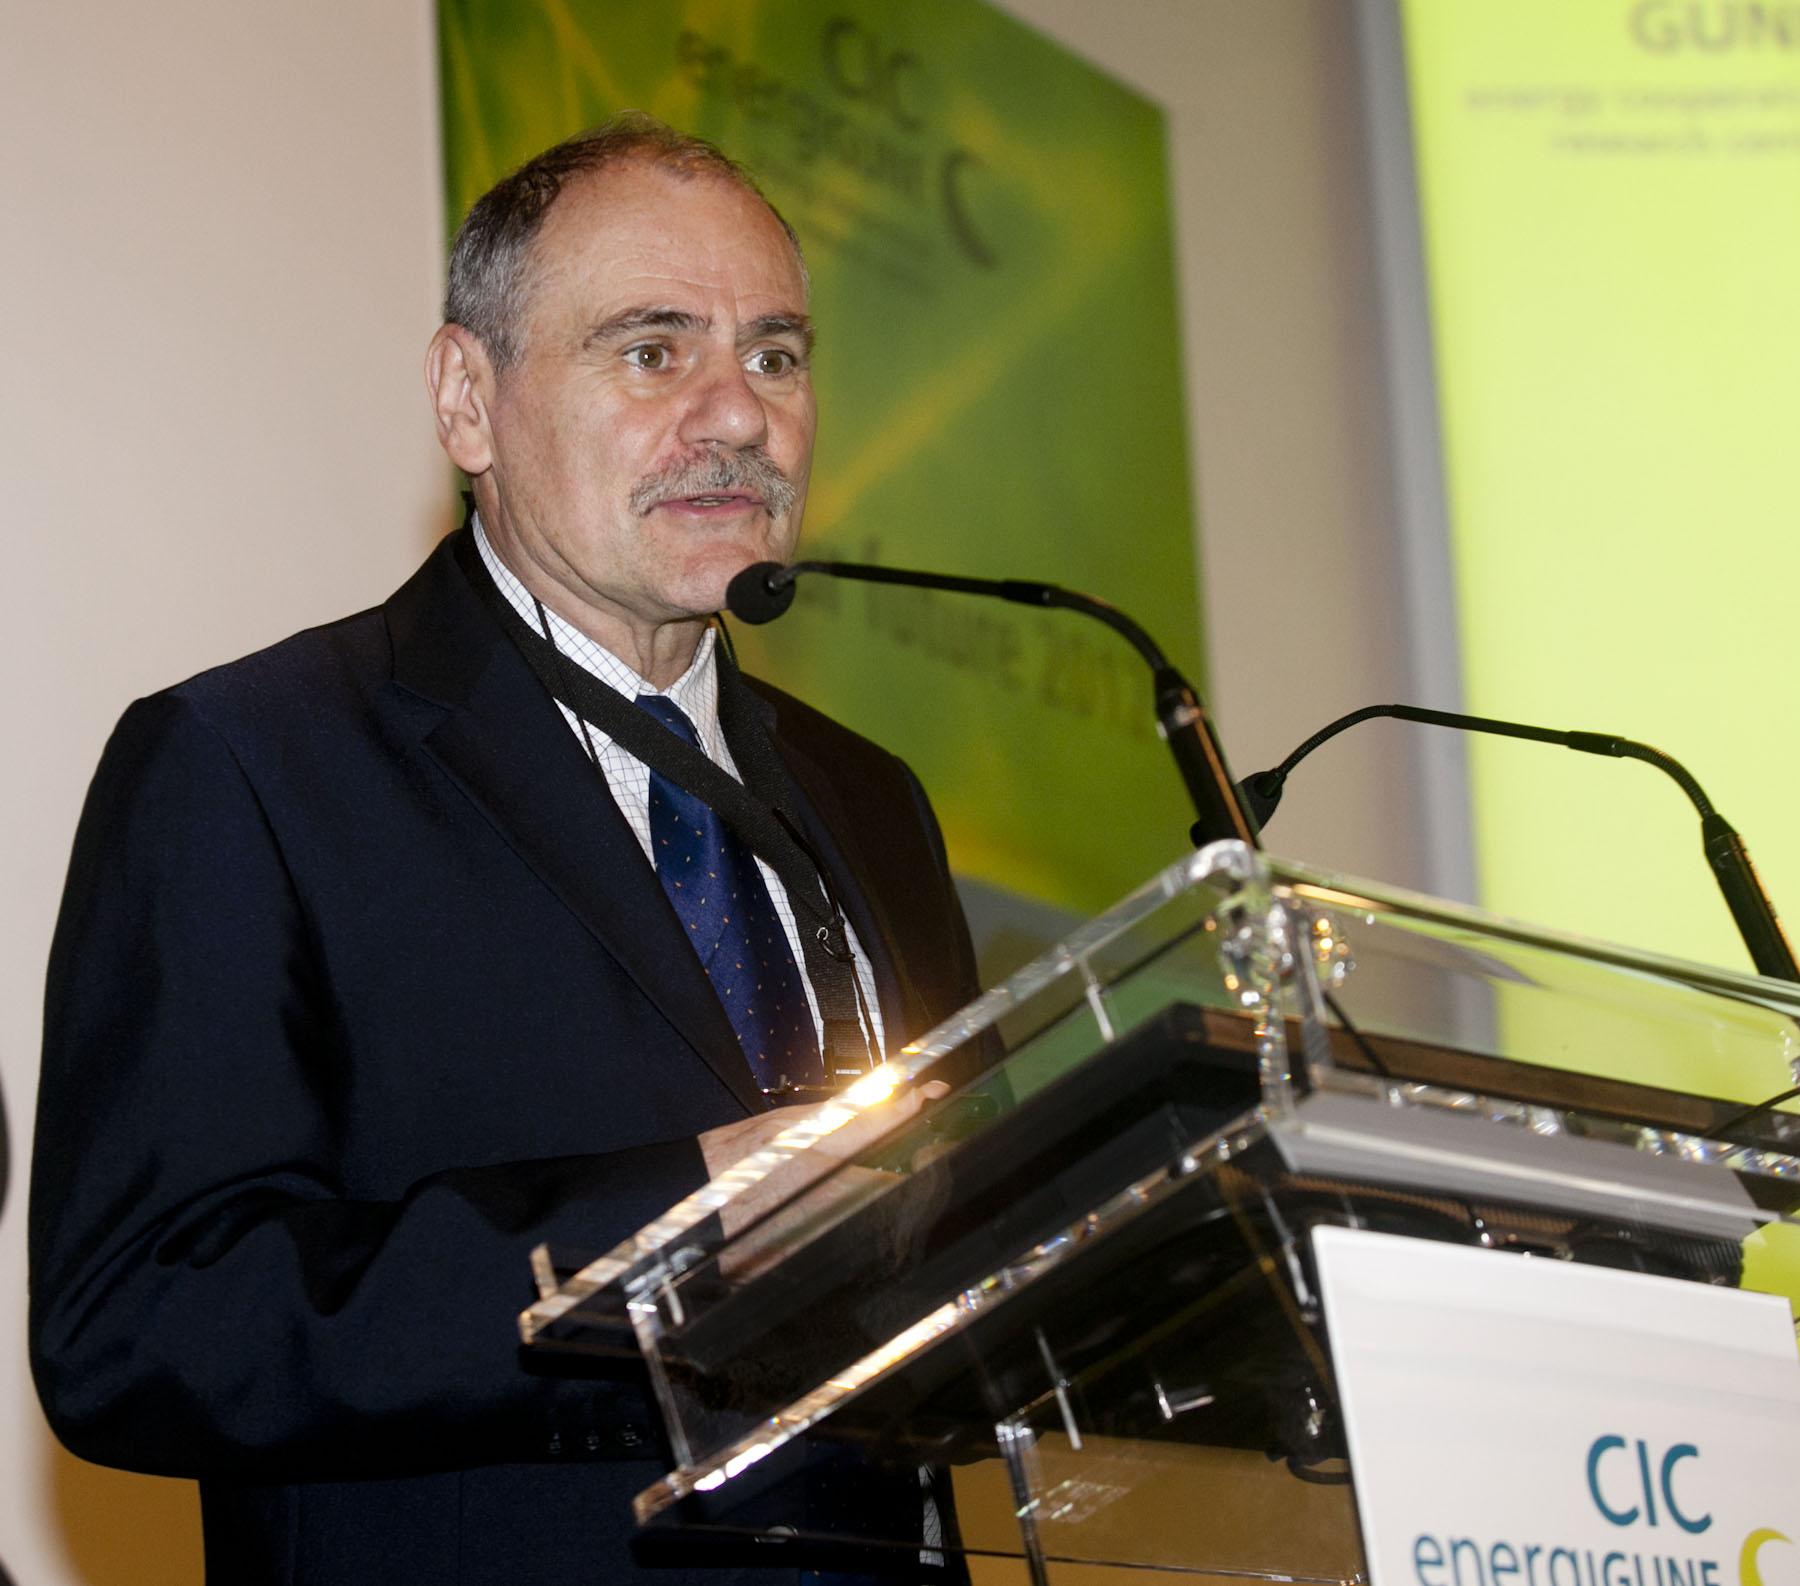 Michel Armand CIC energiGUNE